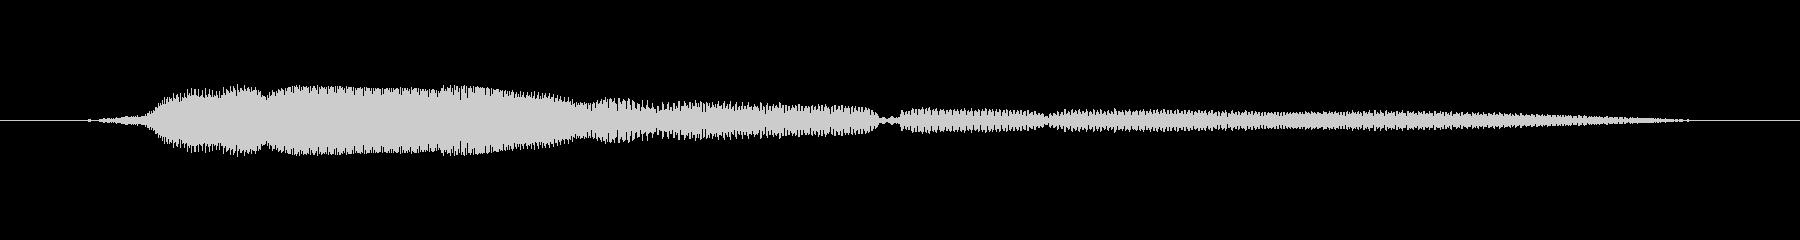 鳴き声 女性トークエルフィッシュ16の未再生の波形